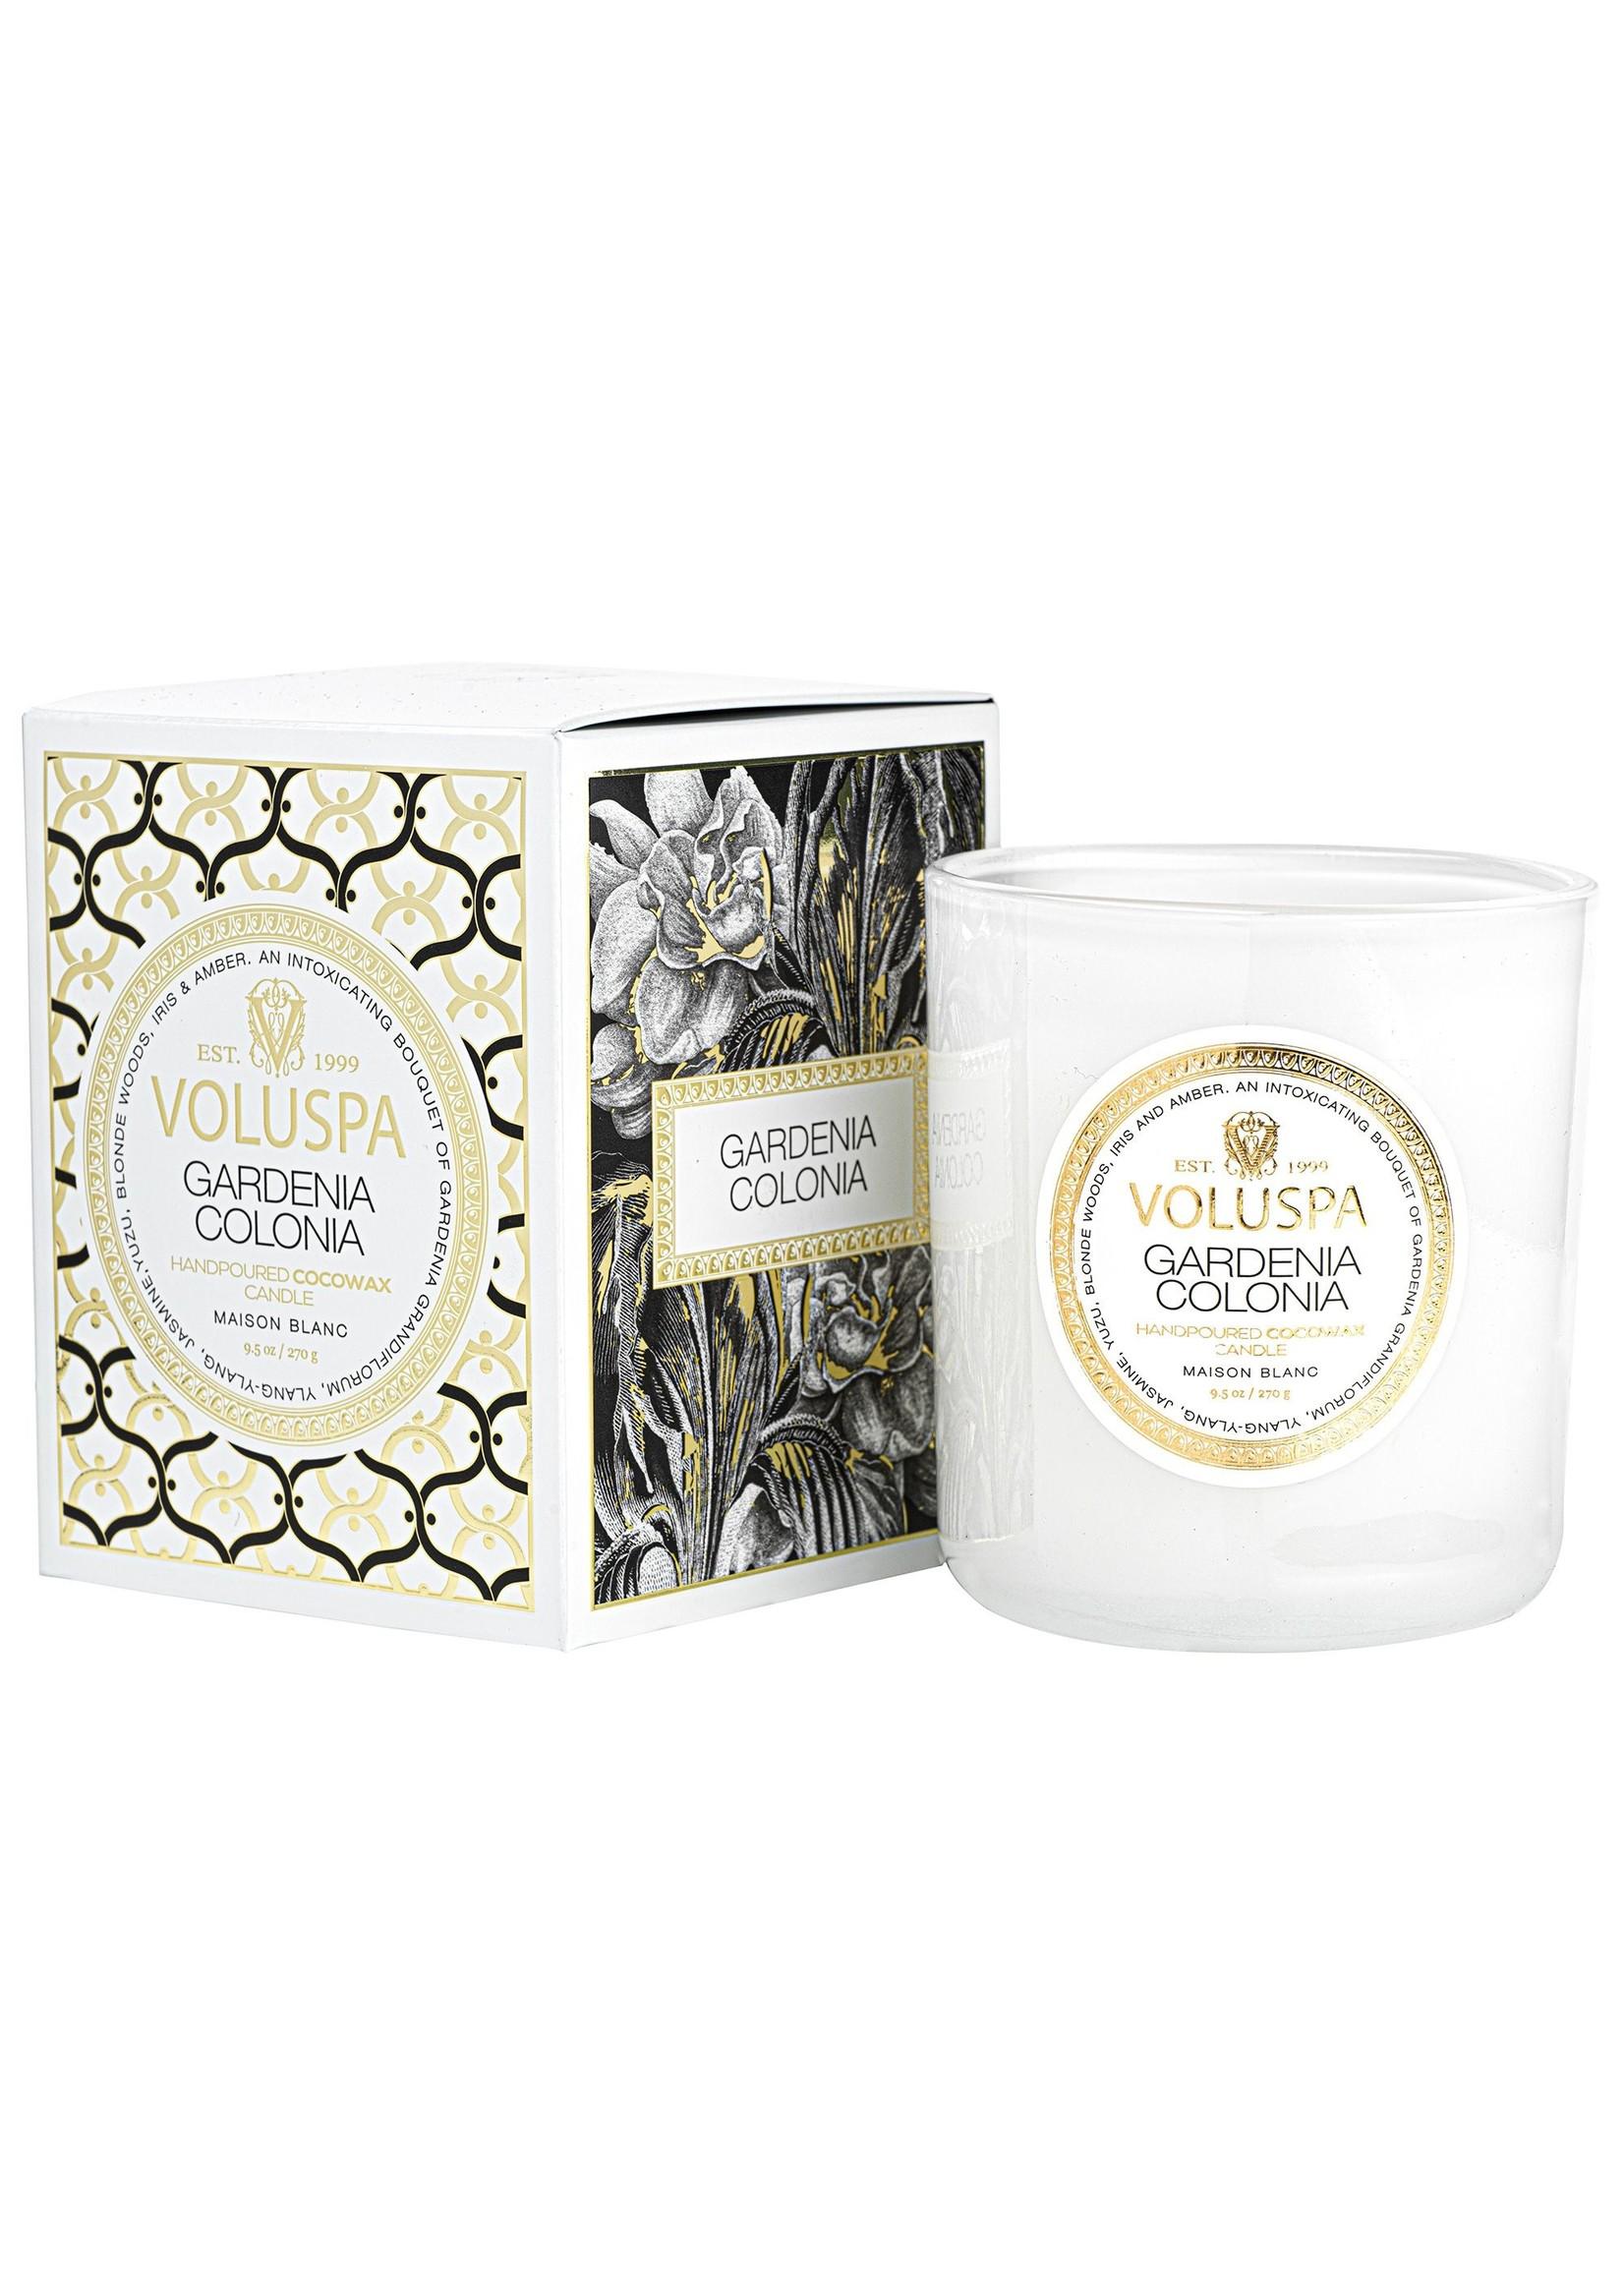 Voluspa Gardenia Colonia Classic Candle